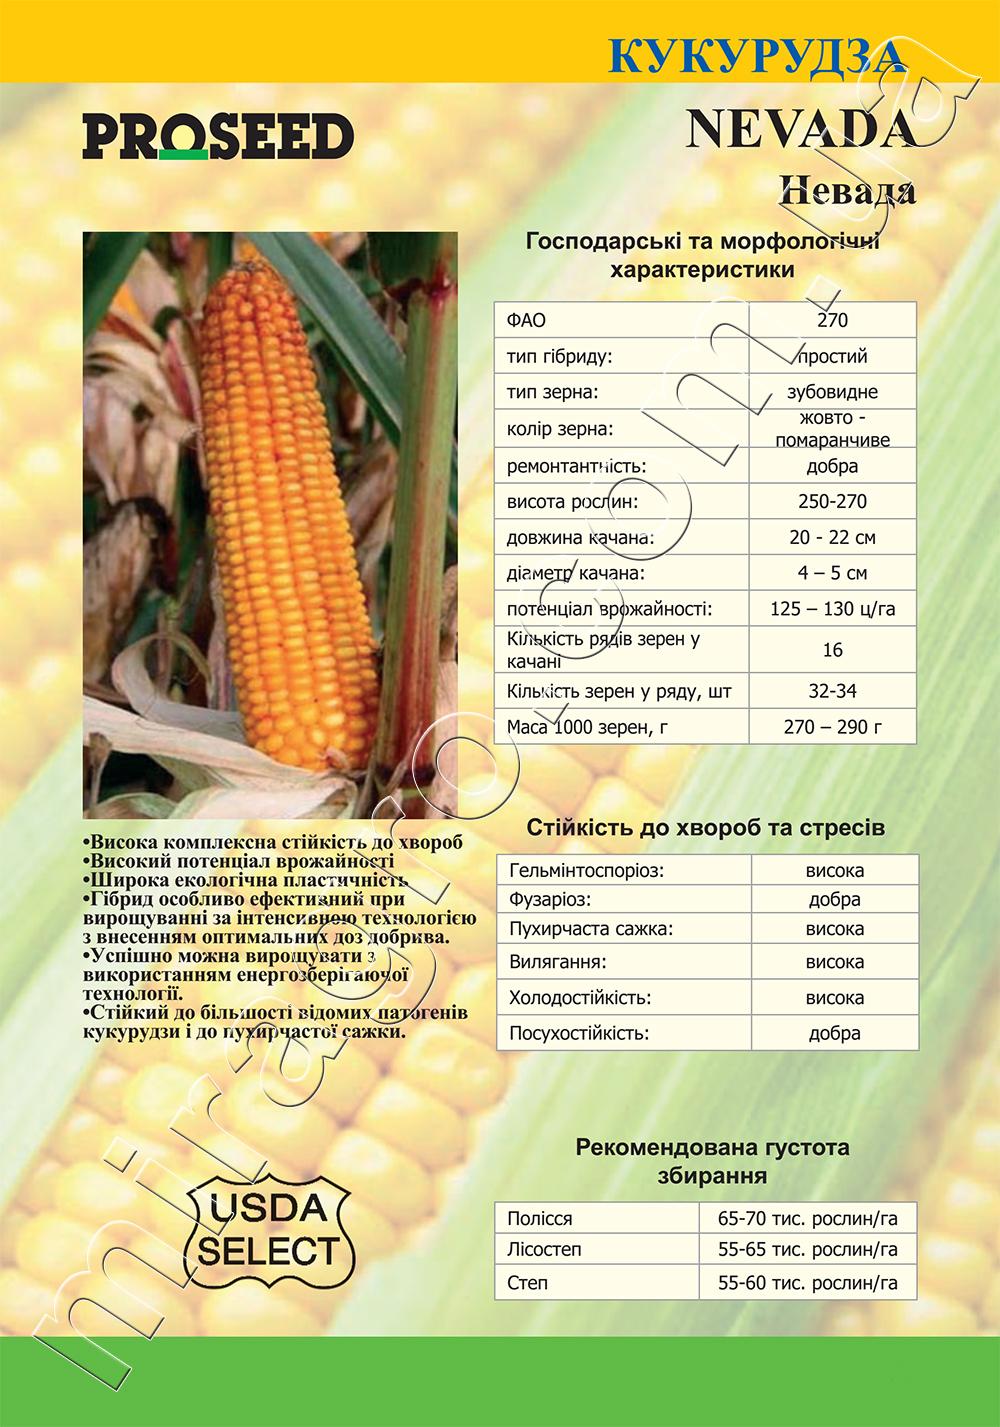 Гибрид кукурузы Невада (Nevada) - описание каталог